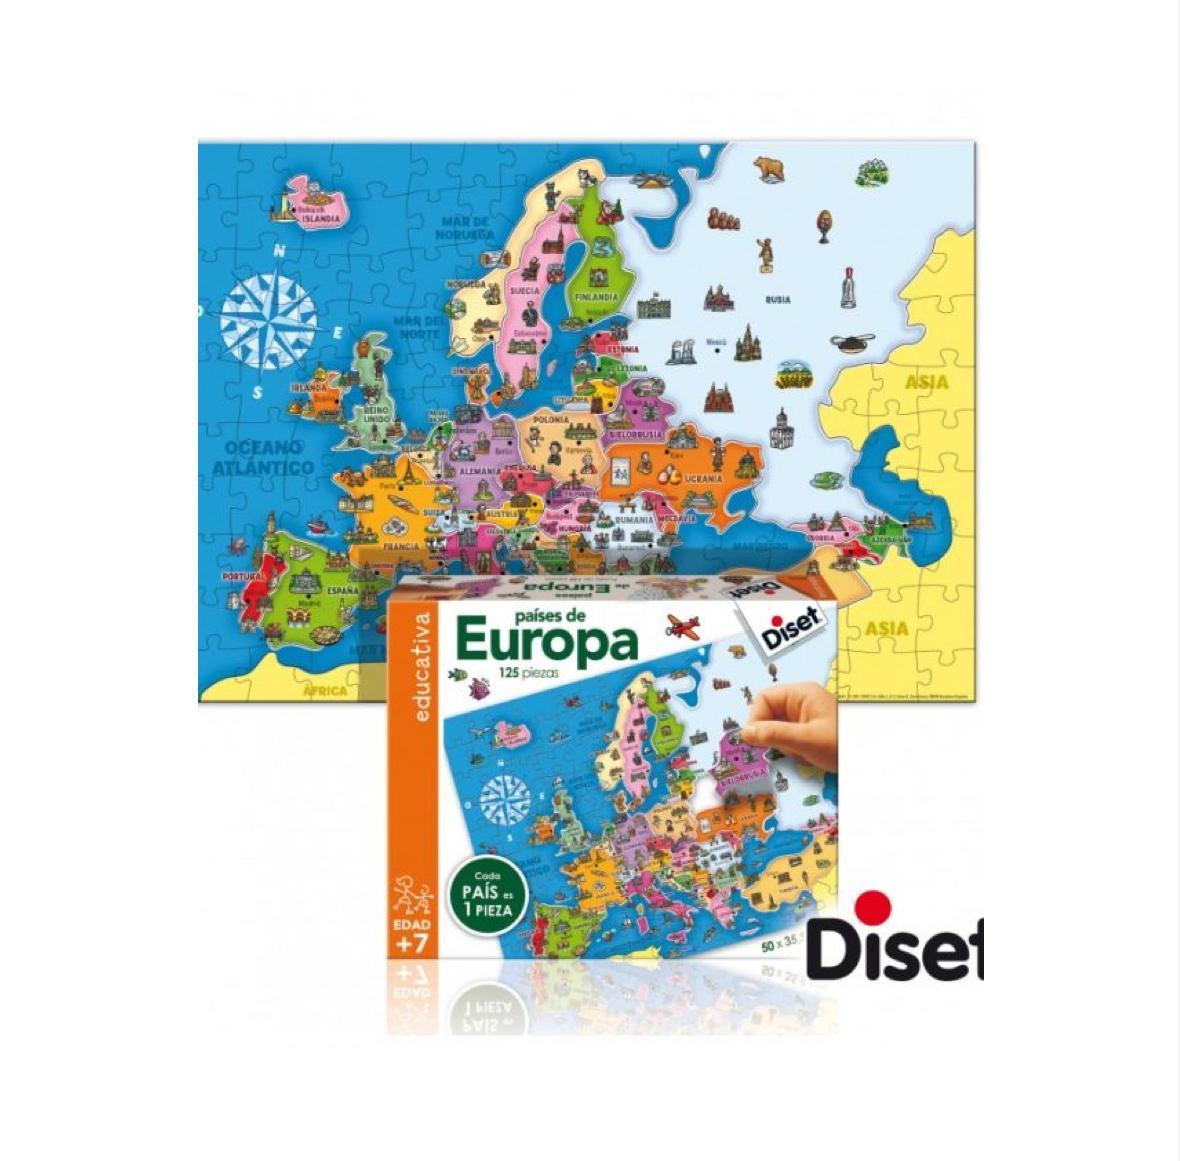 paises-de-europa-de-diset-en-el-mundo-de-mico